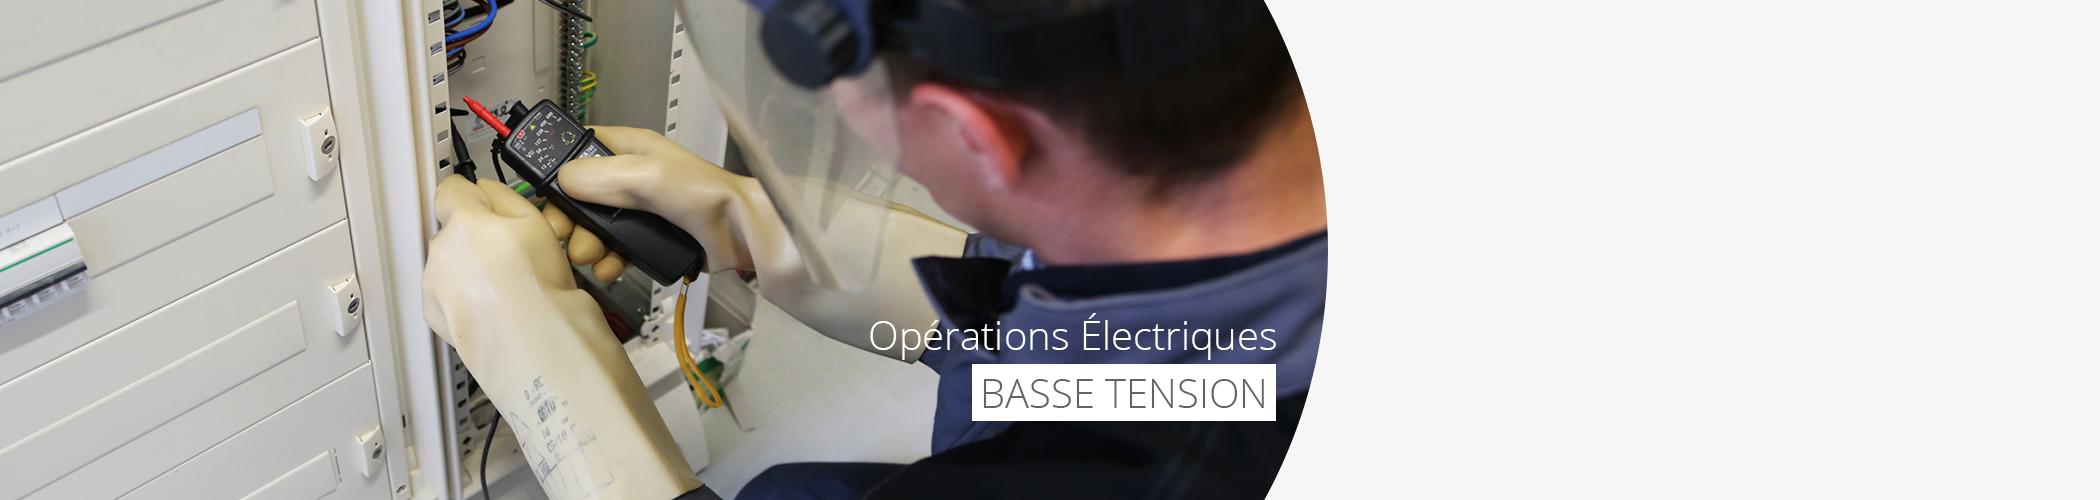 Recyclage opérations électriques basse tension les 29 et 30 juin 2017 à Belz